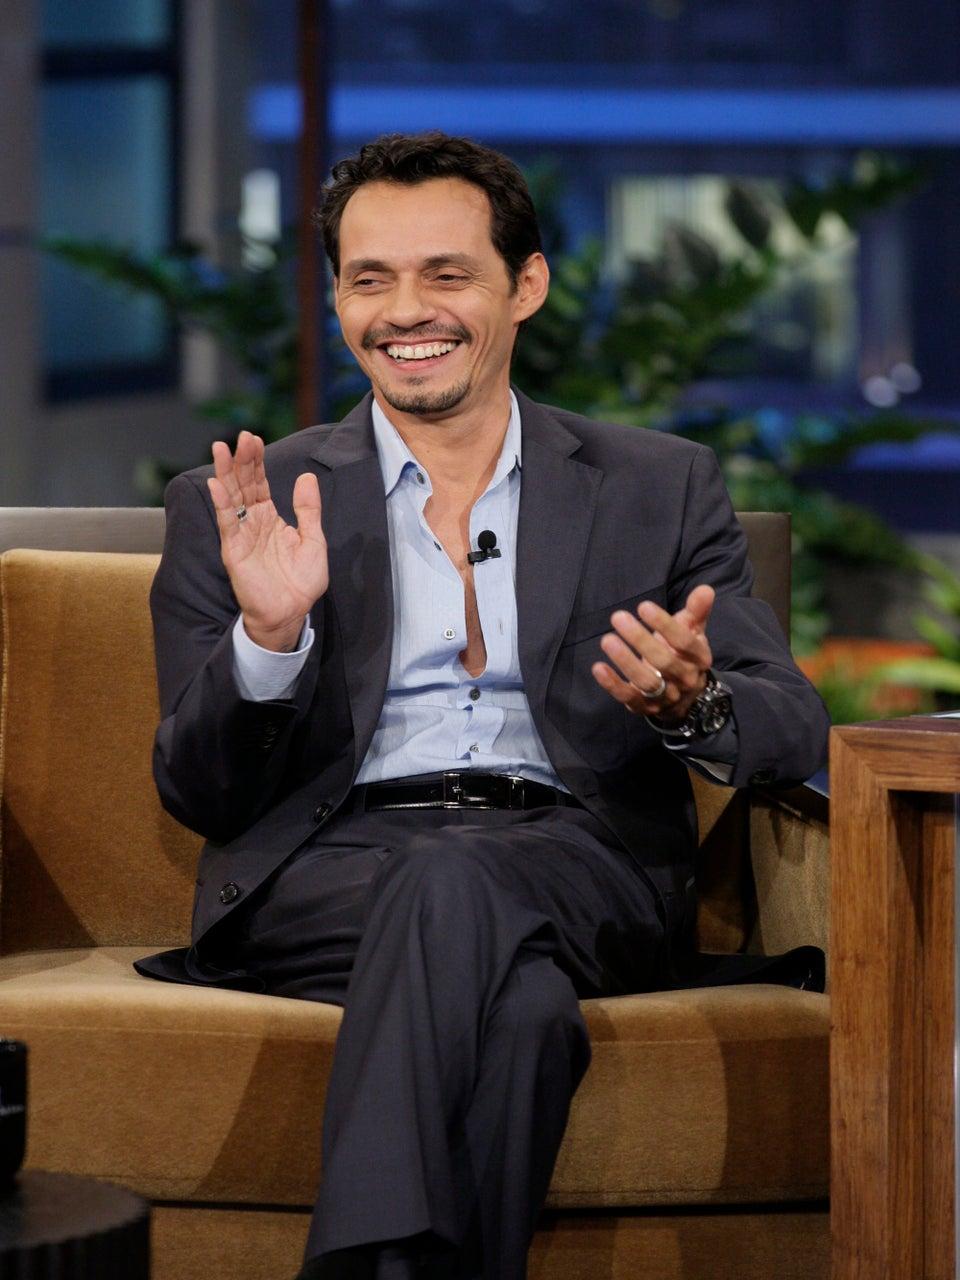 Marc Anthony Addresses Jada Rumors on 'Nightline'